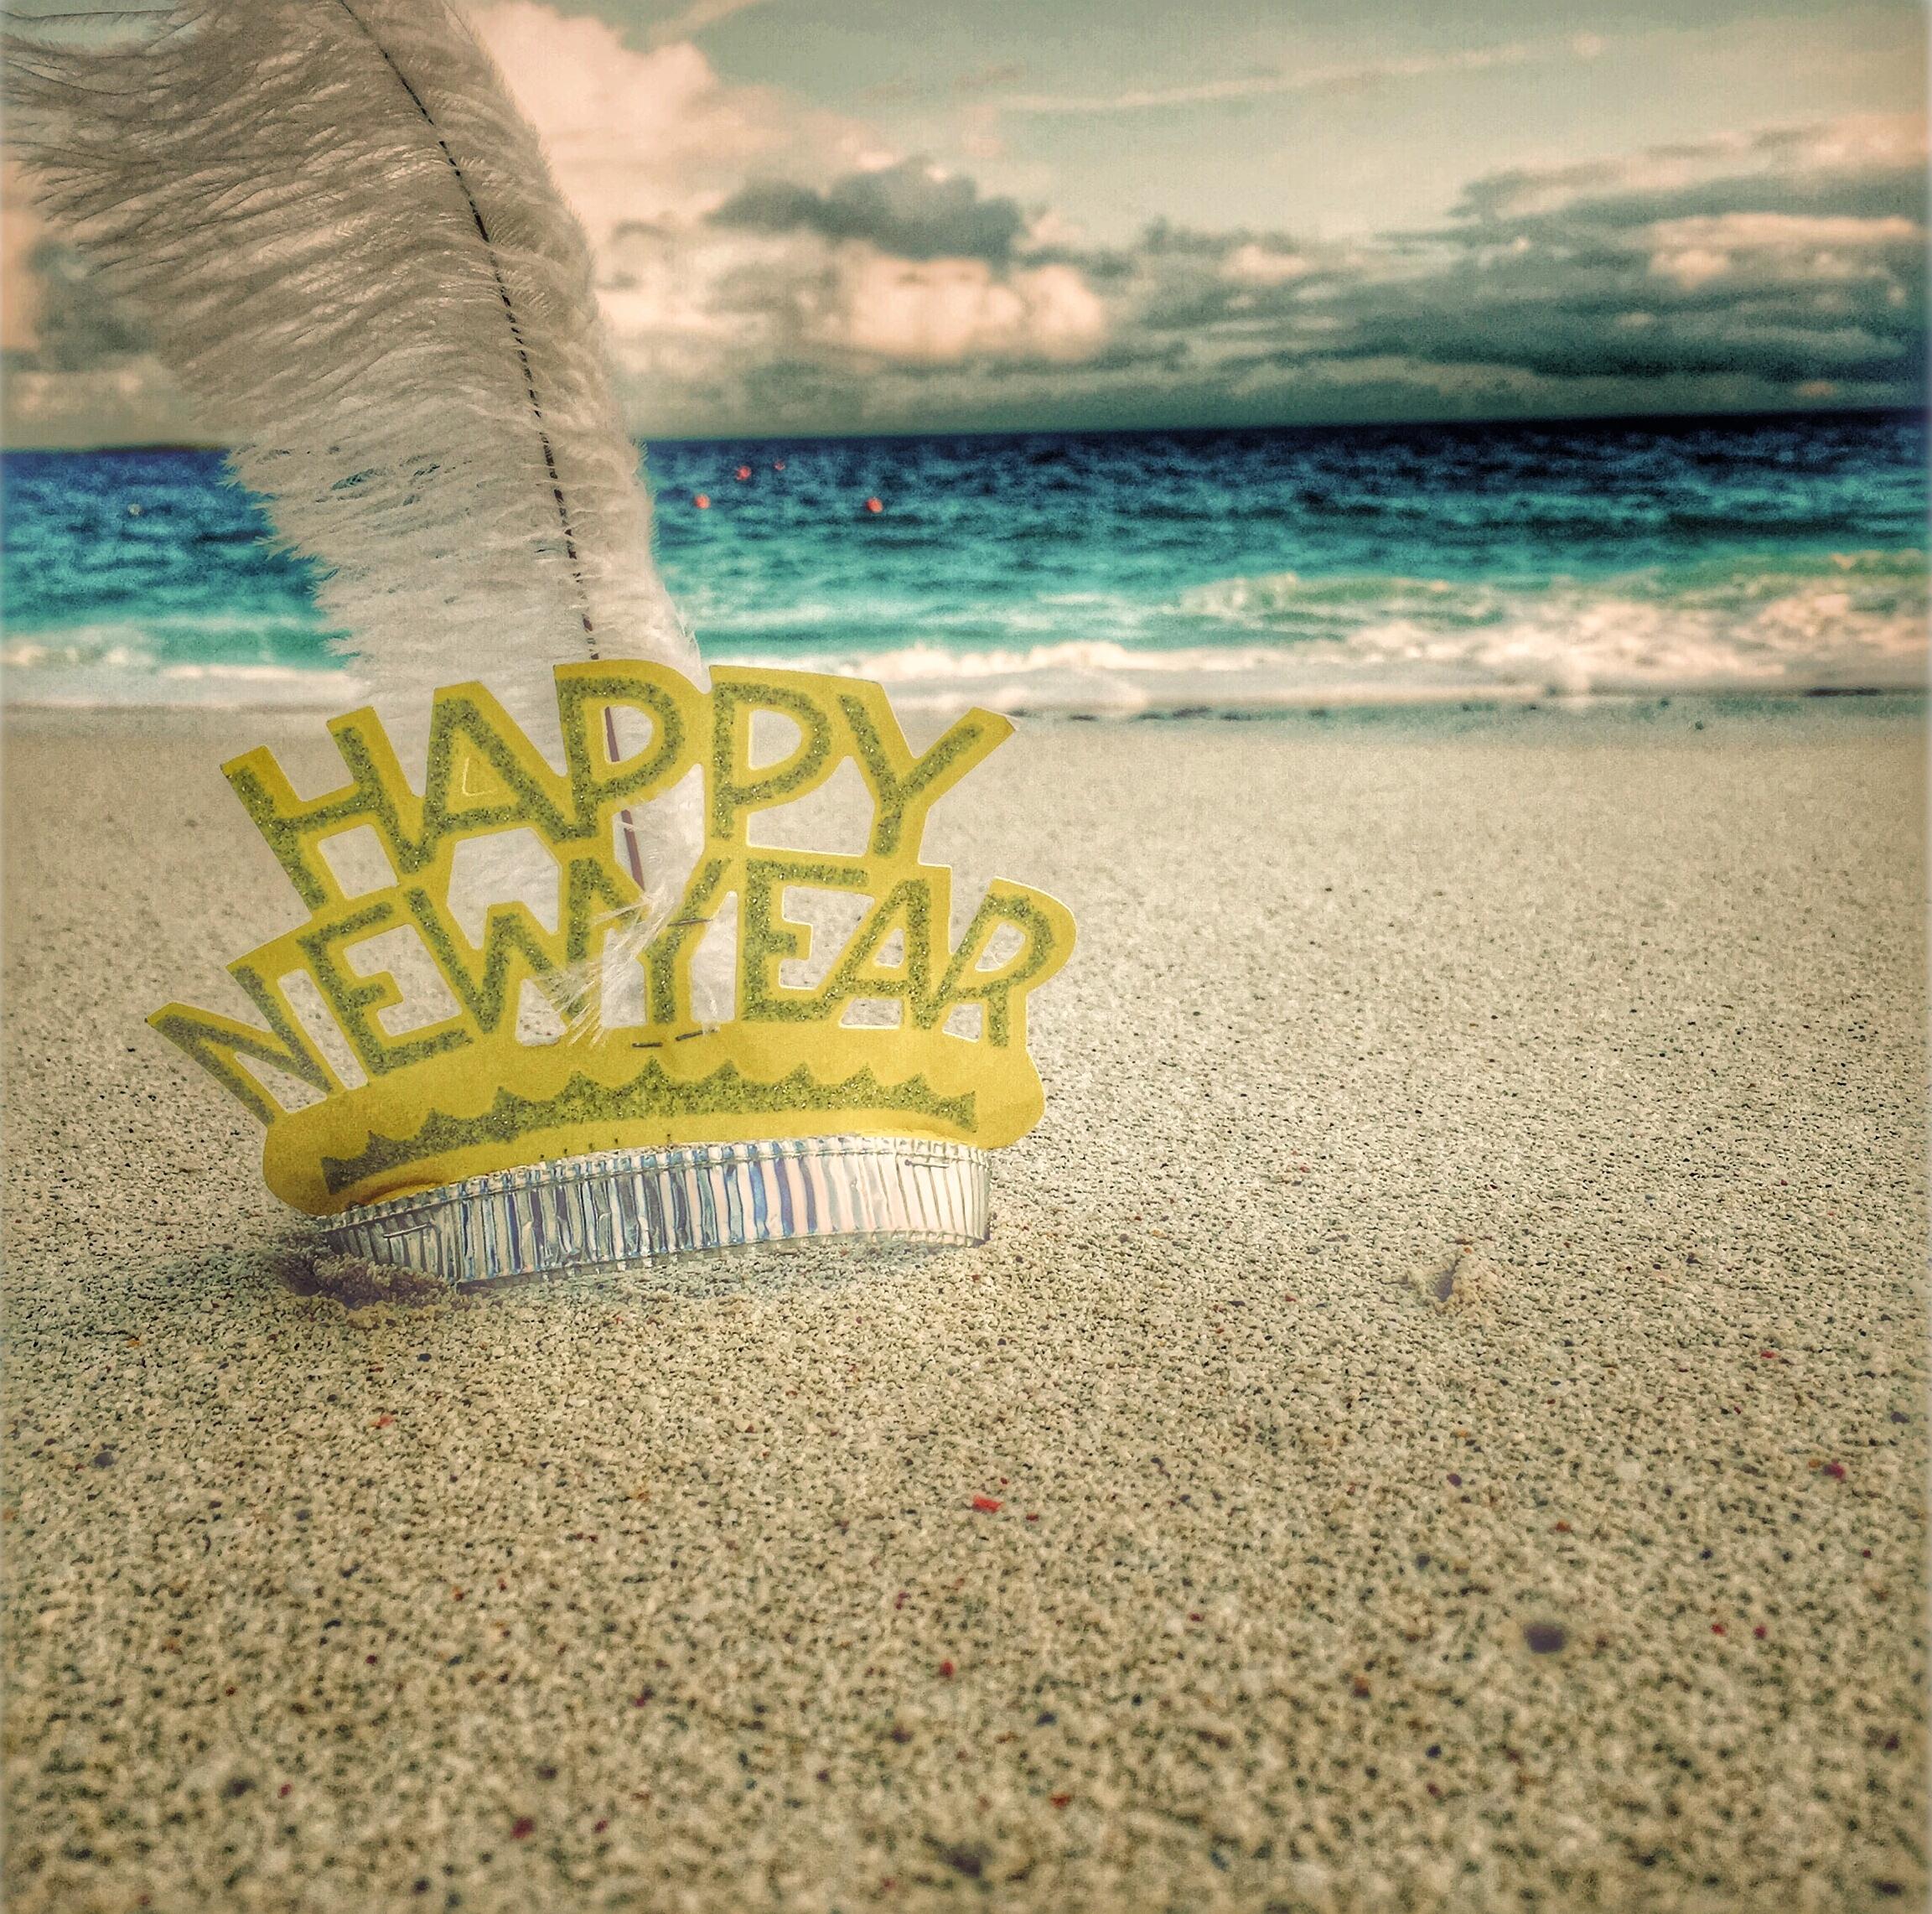 Happy New Year | Bahamas | 2014